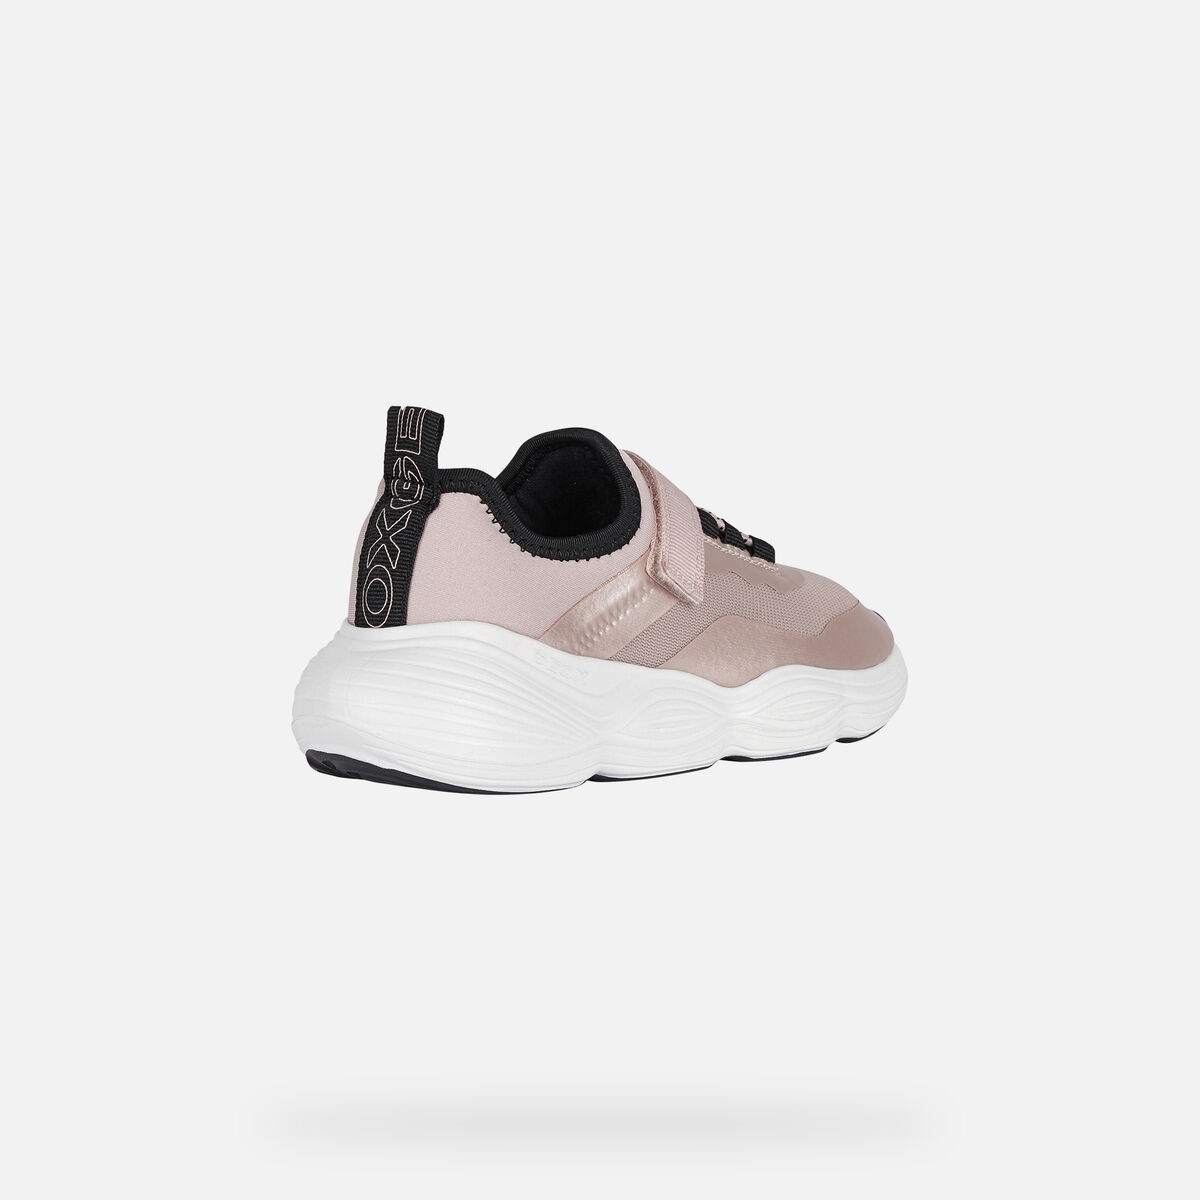 Κορίτσι Sneaker Ροζ Geox J15CΝΑ 01415 C8011